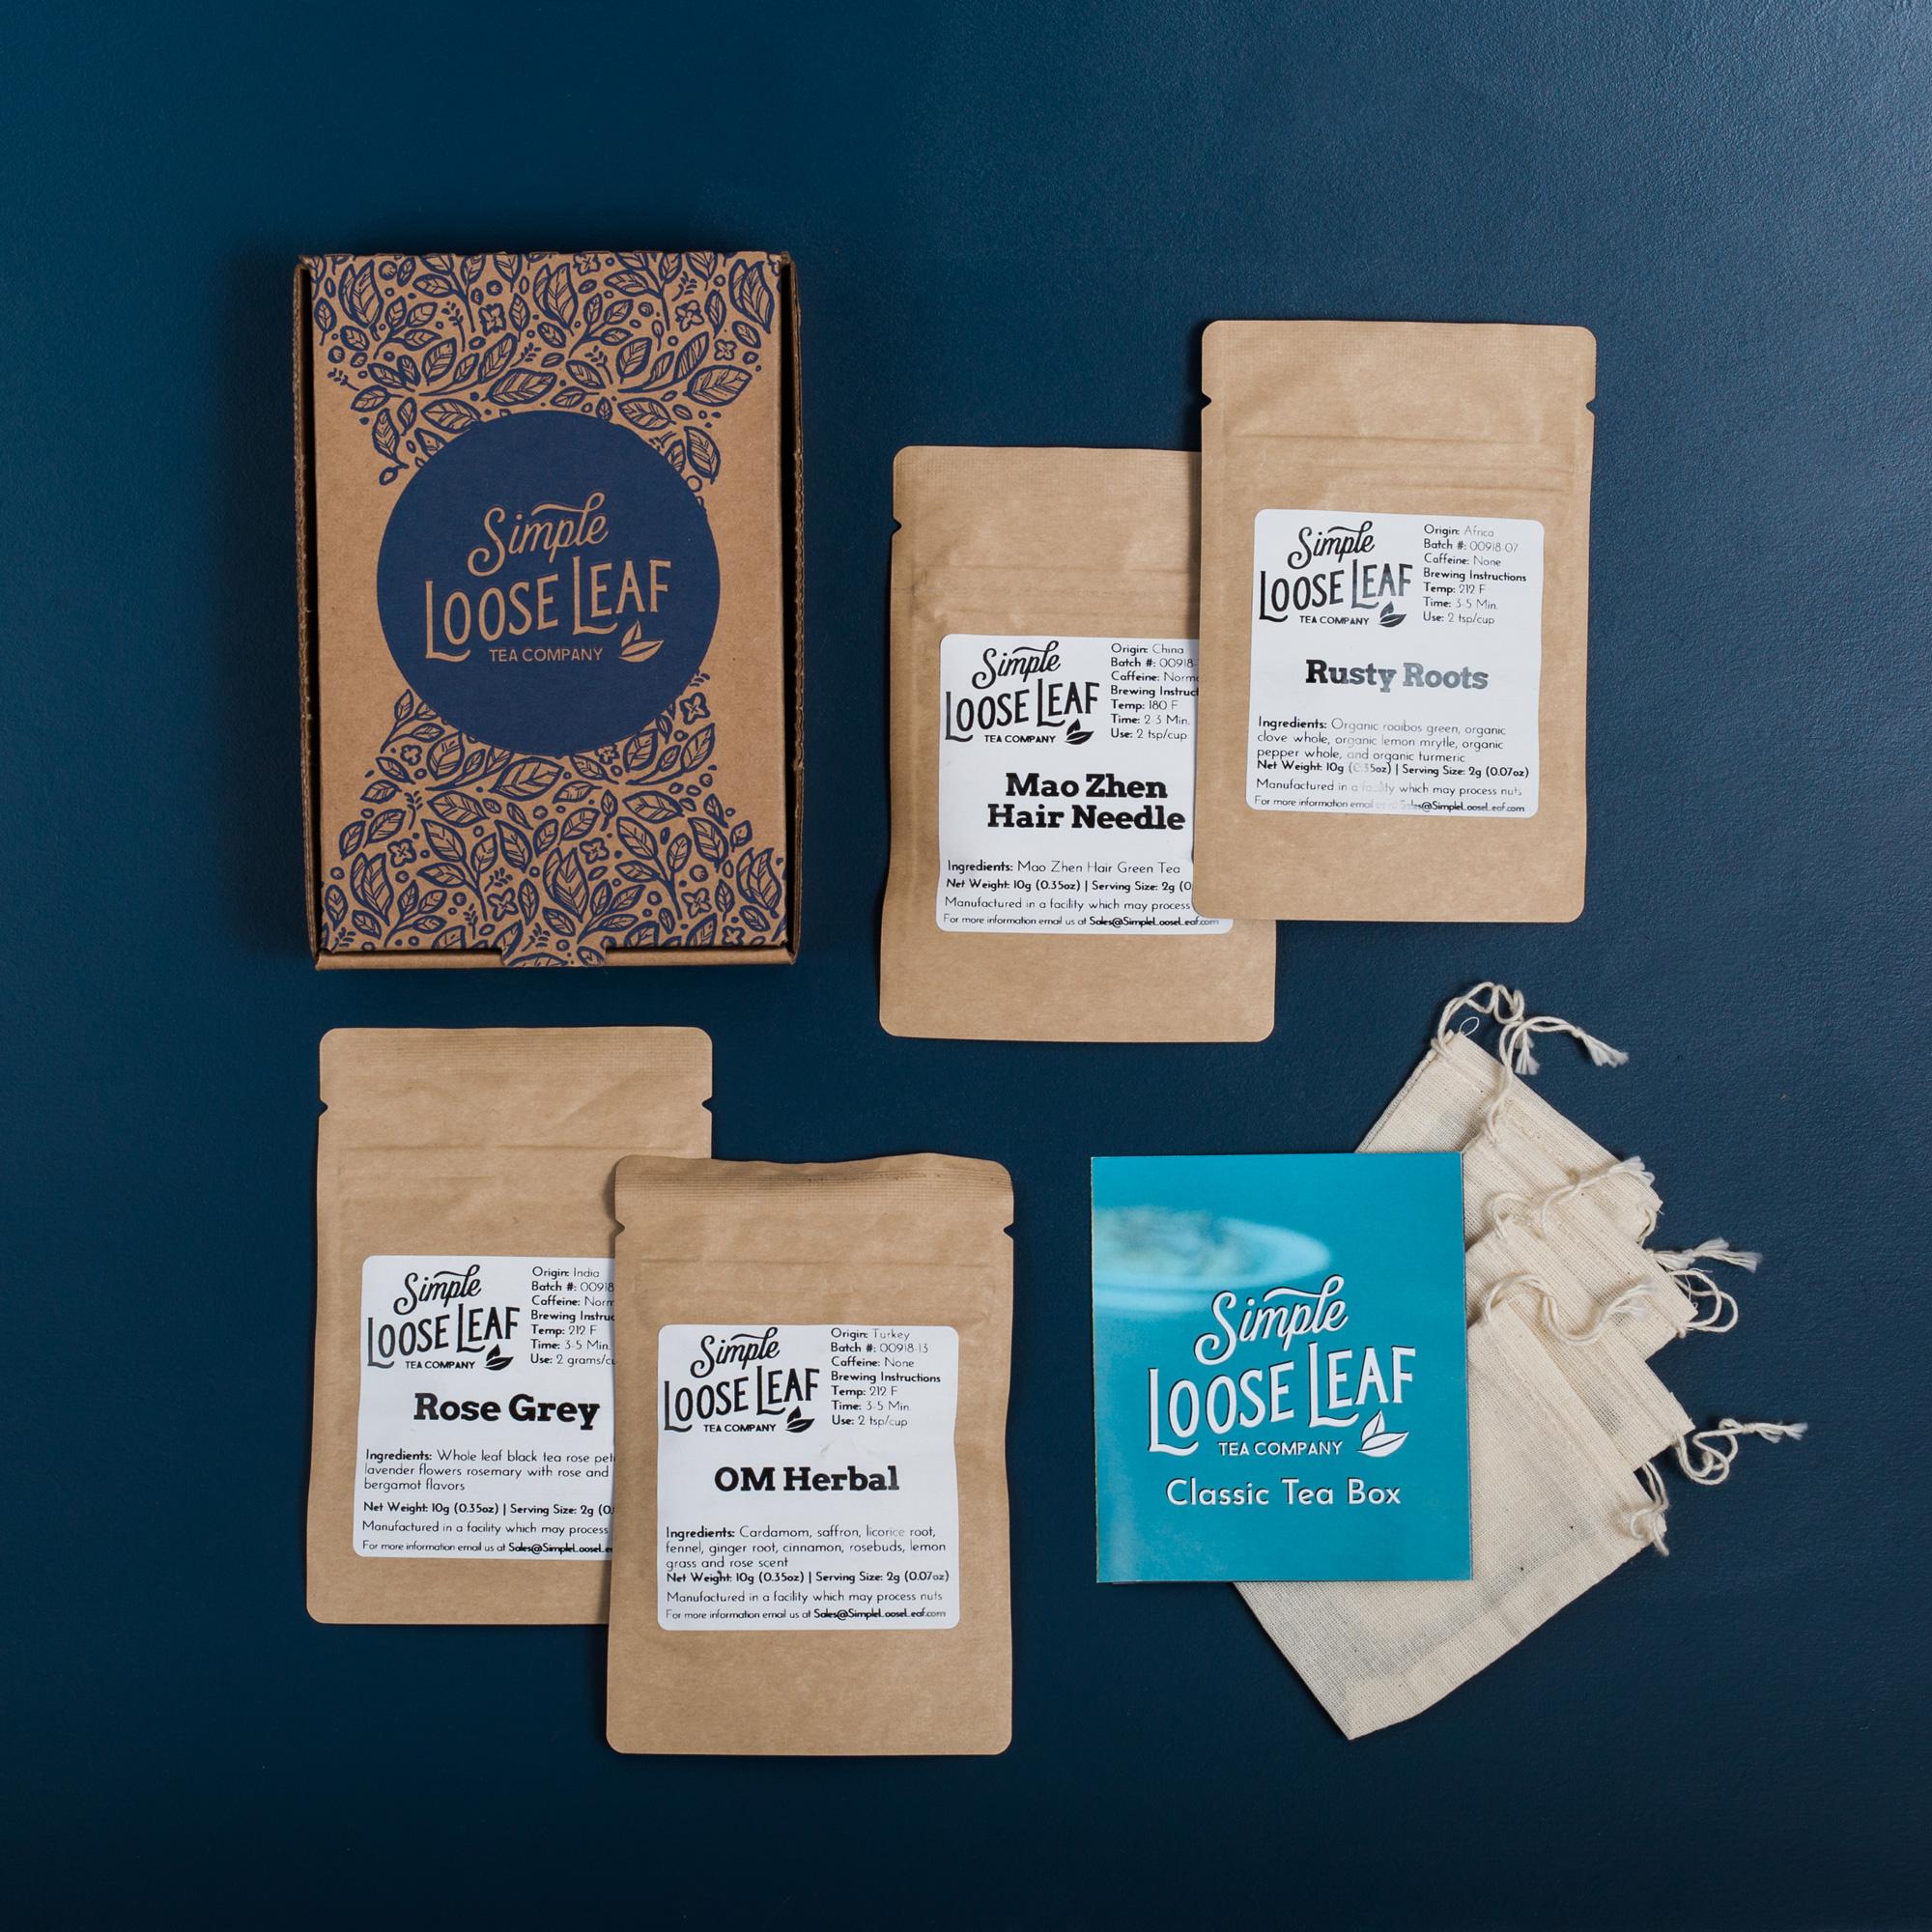 Simple Loose Leaf Tea - Hand-Packaged Loose Leaf Tea Subscription Box